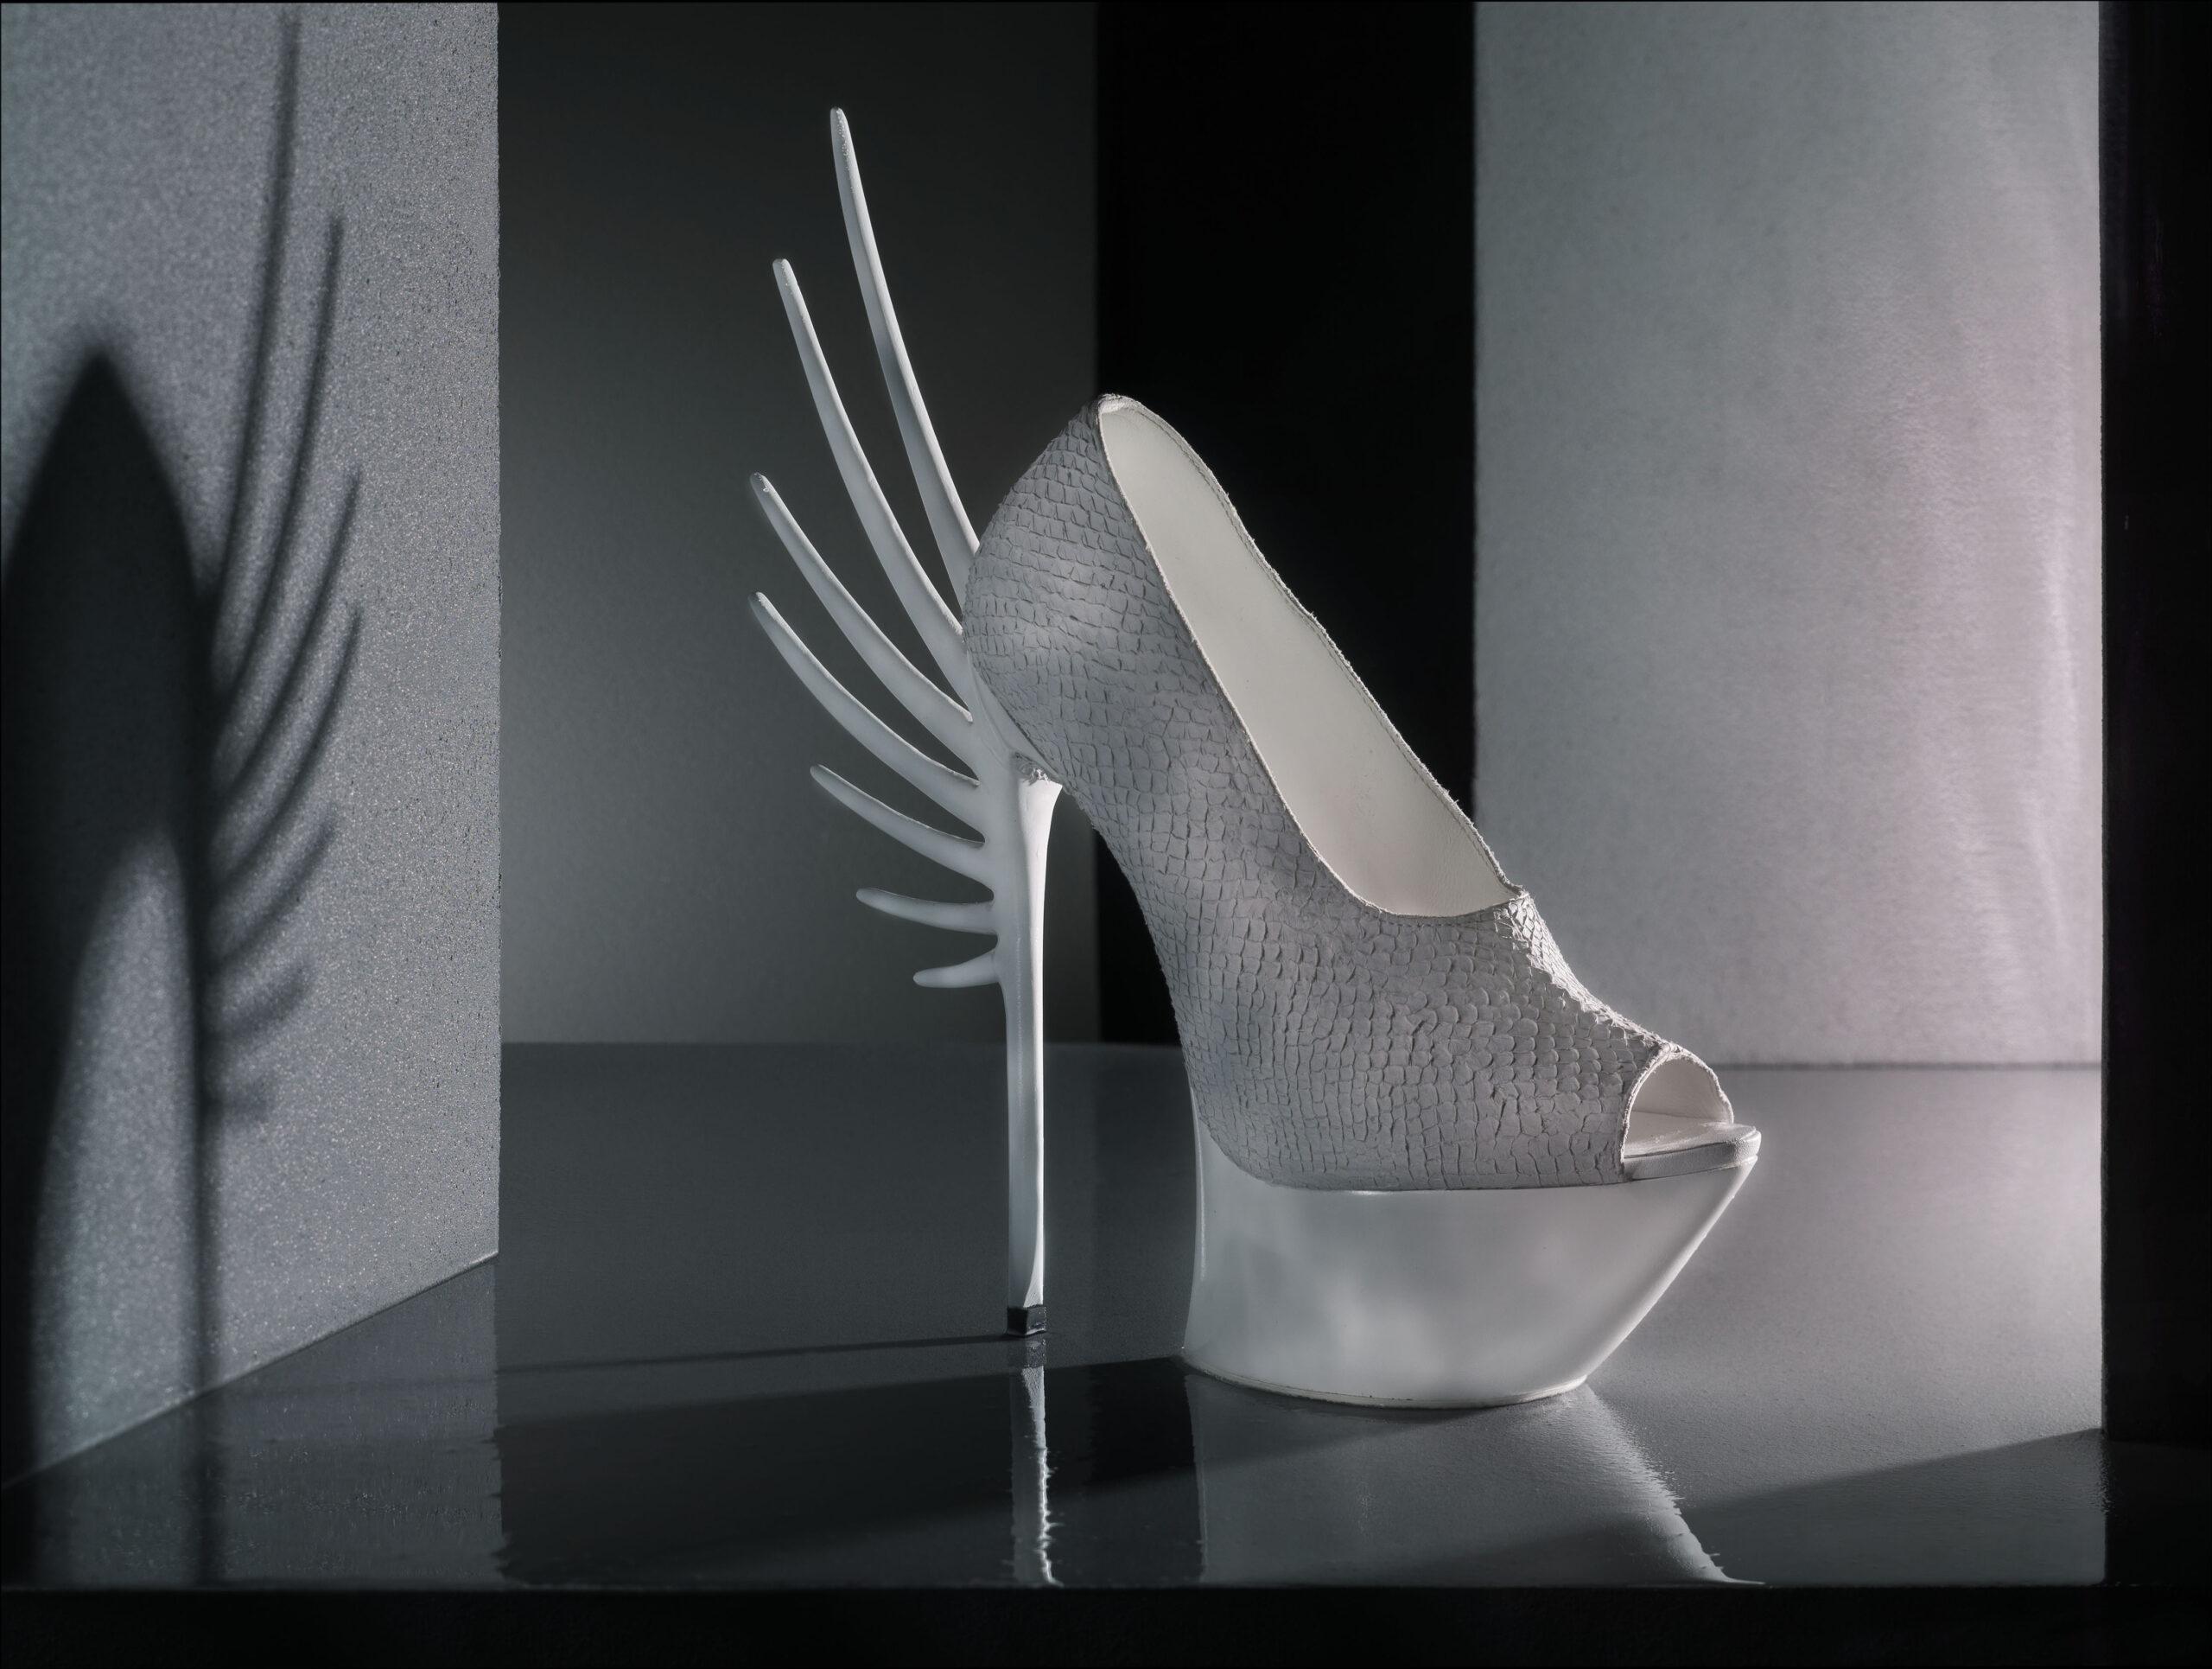 Whit salmon skin leather shoe, design van Quint Verhaart, fotografie door STUDIO_M